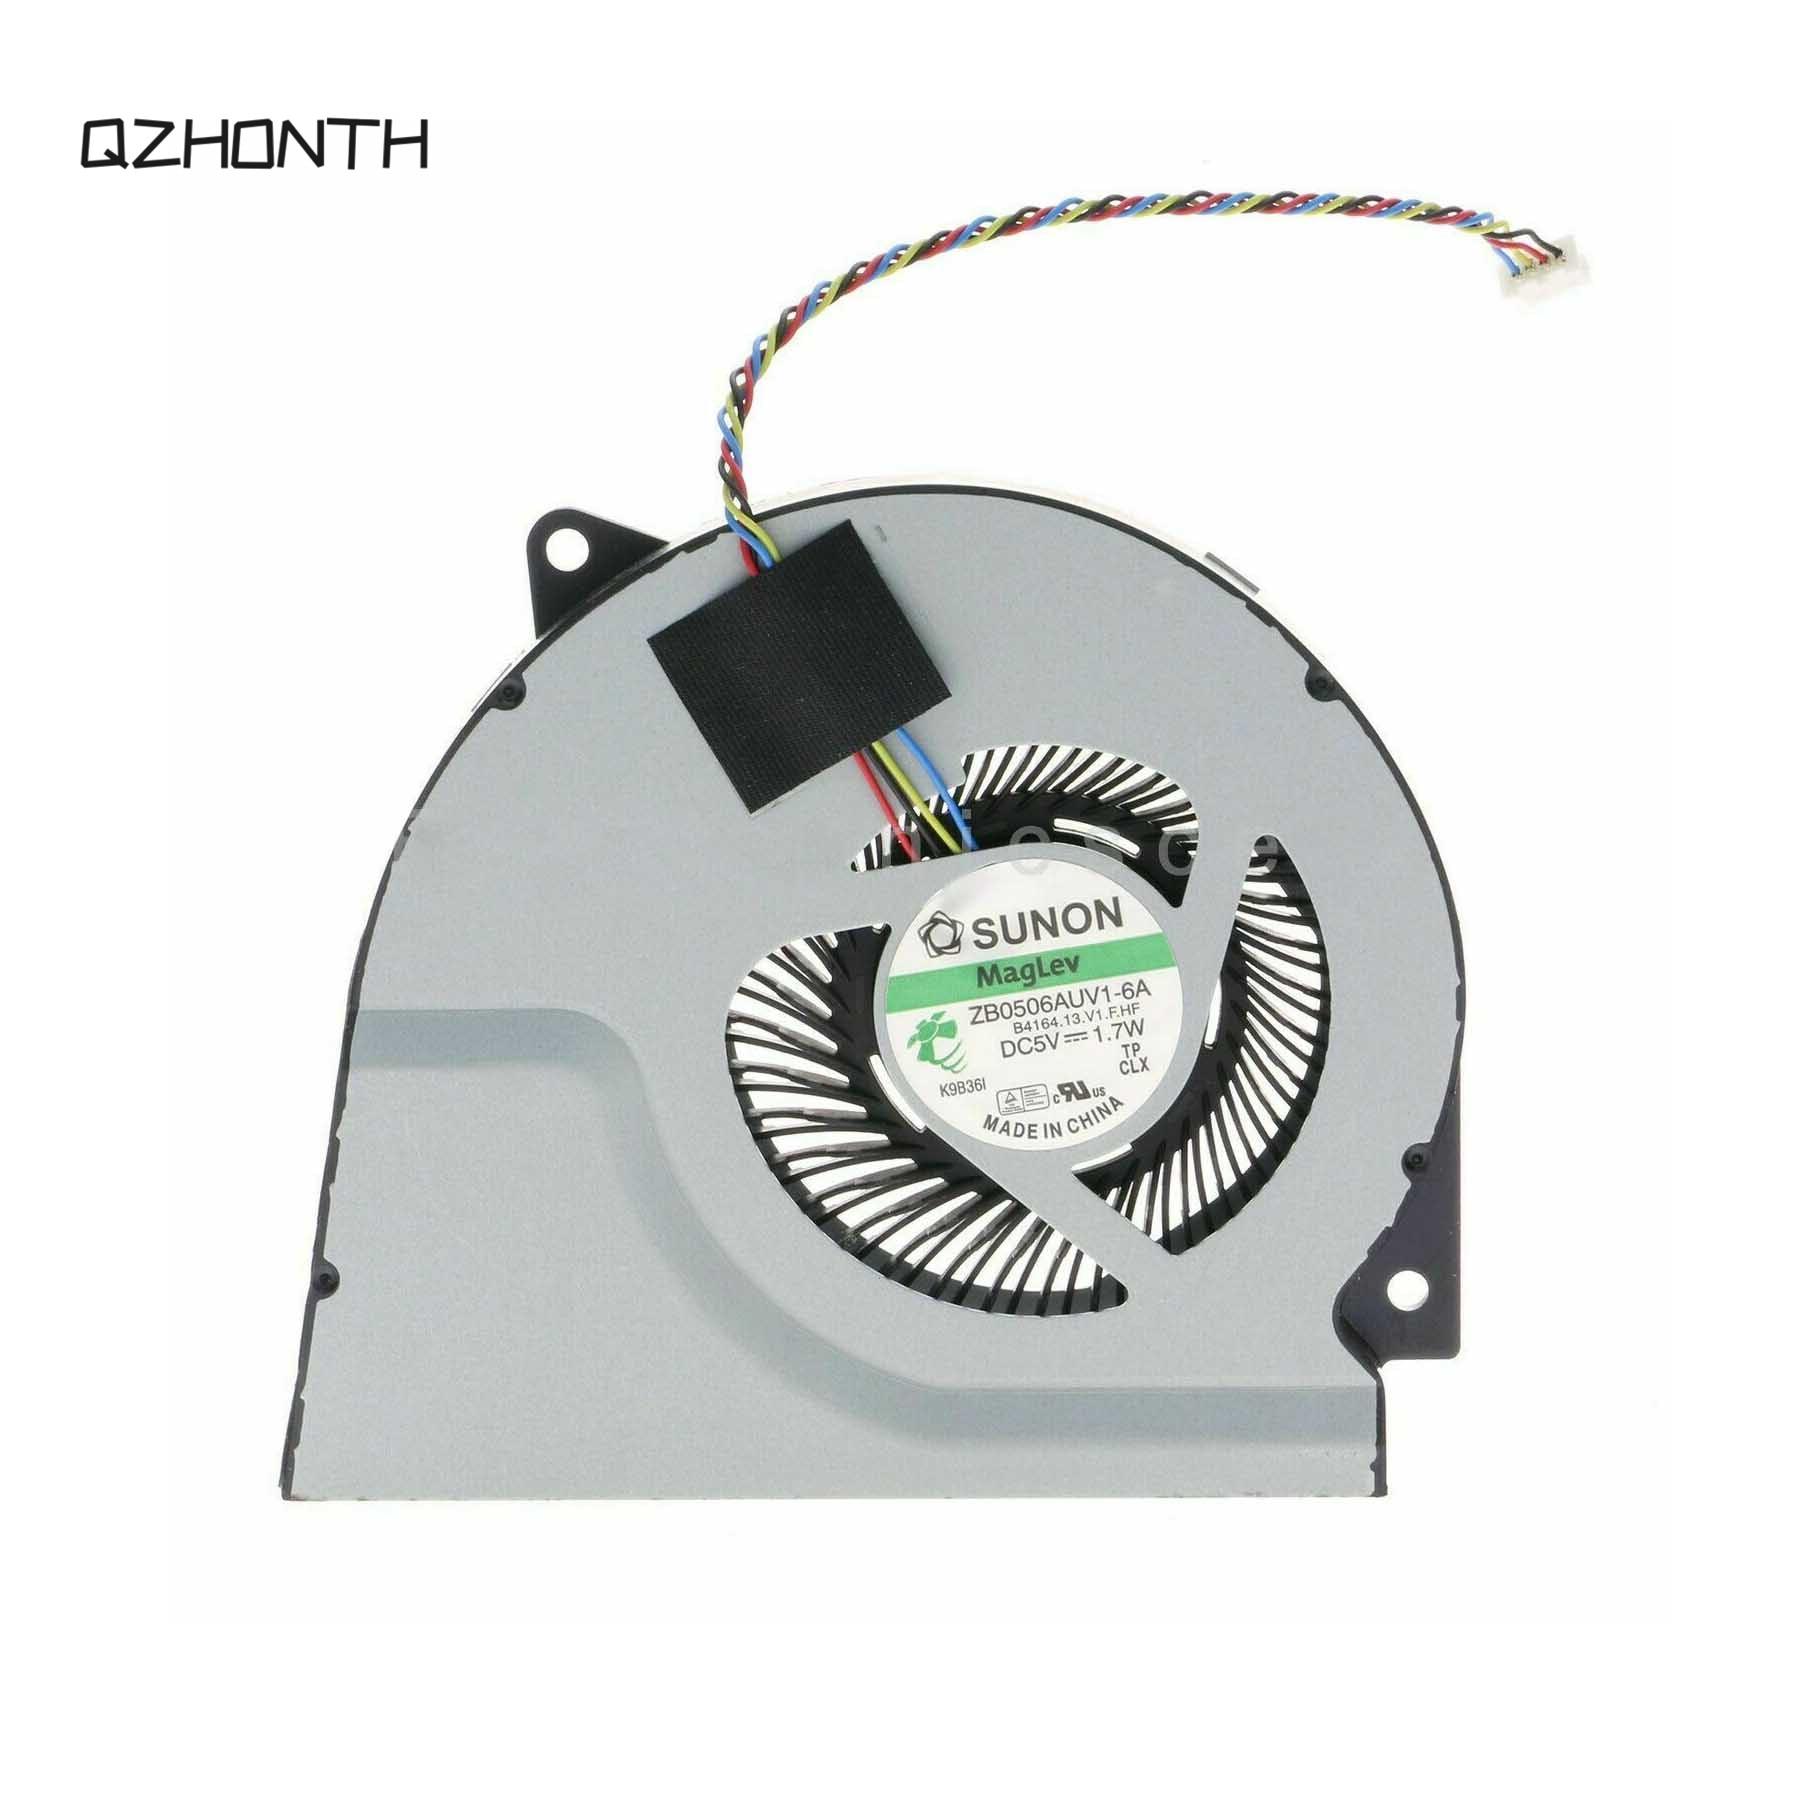 جديد لـ ديل انسبايرون AIO 2350 7459 وحدة المعالجة المركزية مروحة تبريد متوافقة دلتا BSB0705HC CJ2B NG7F4